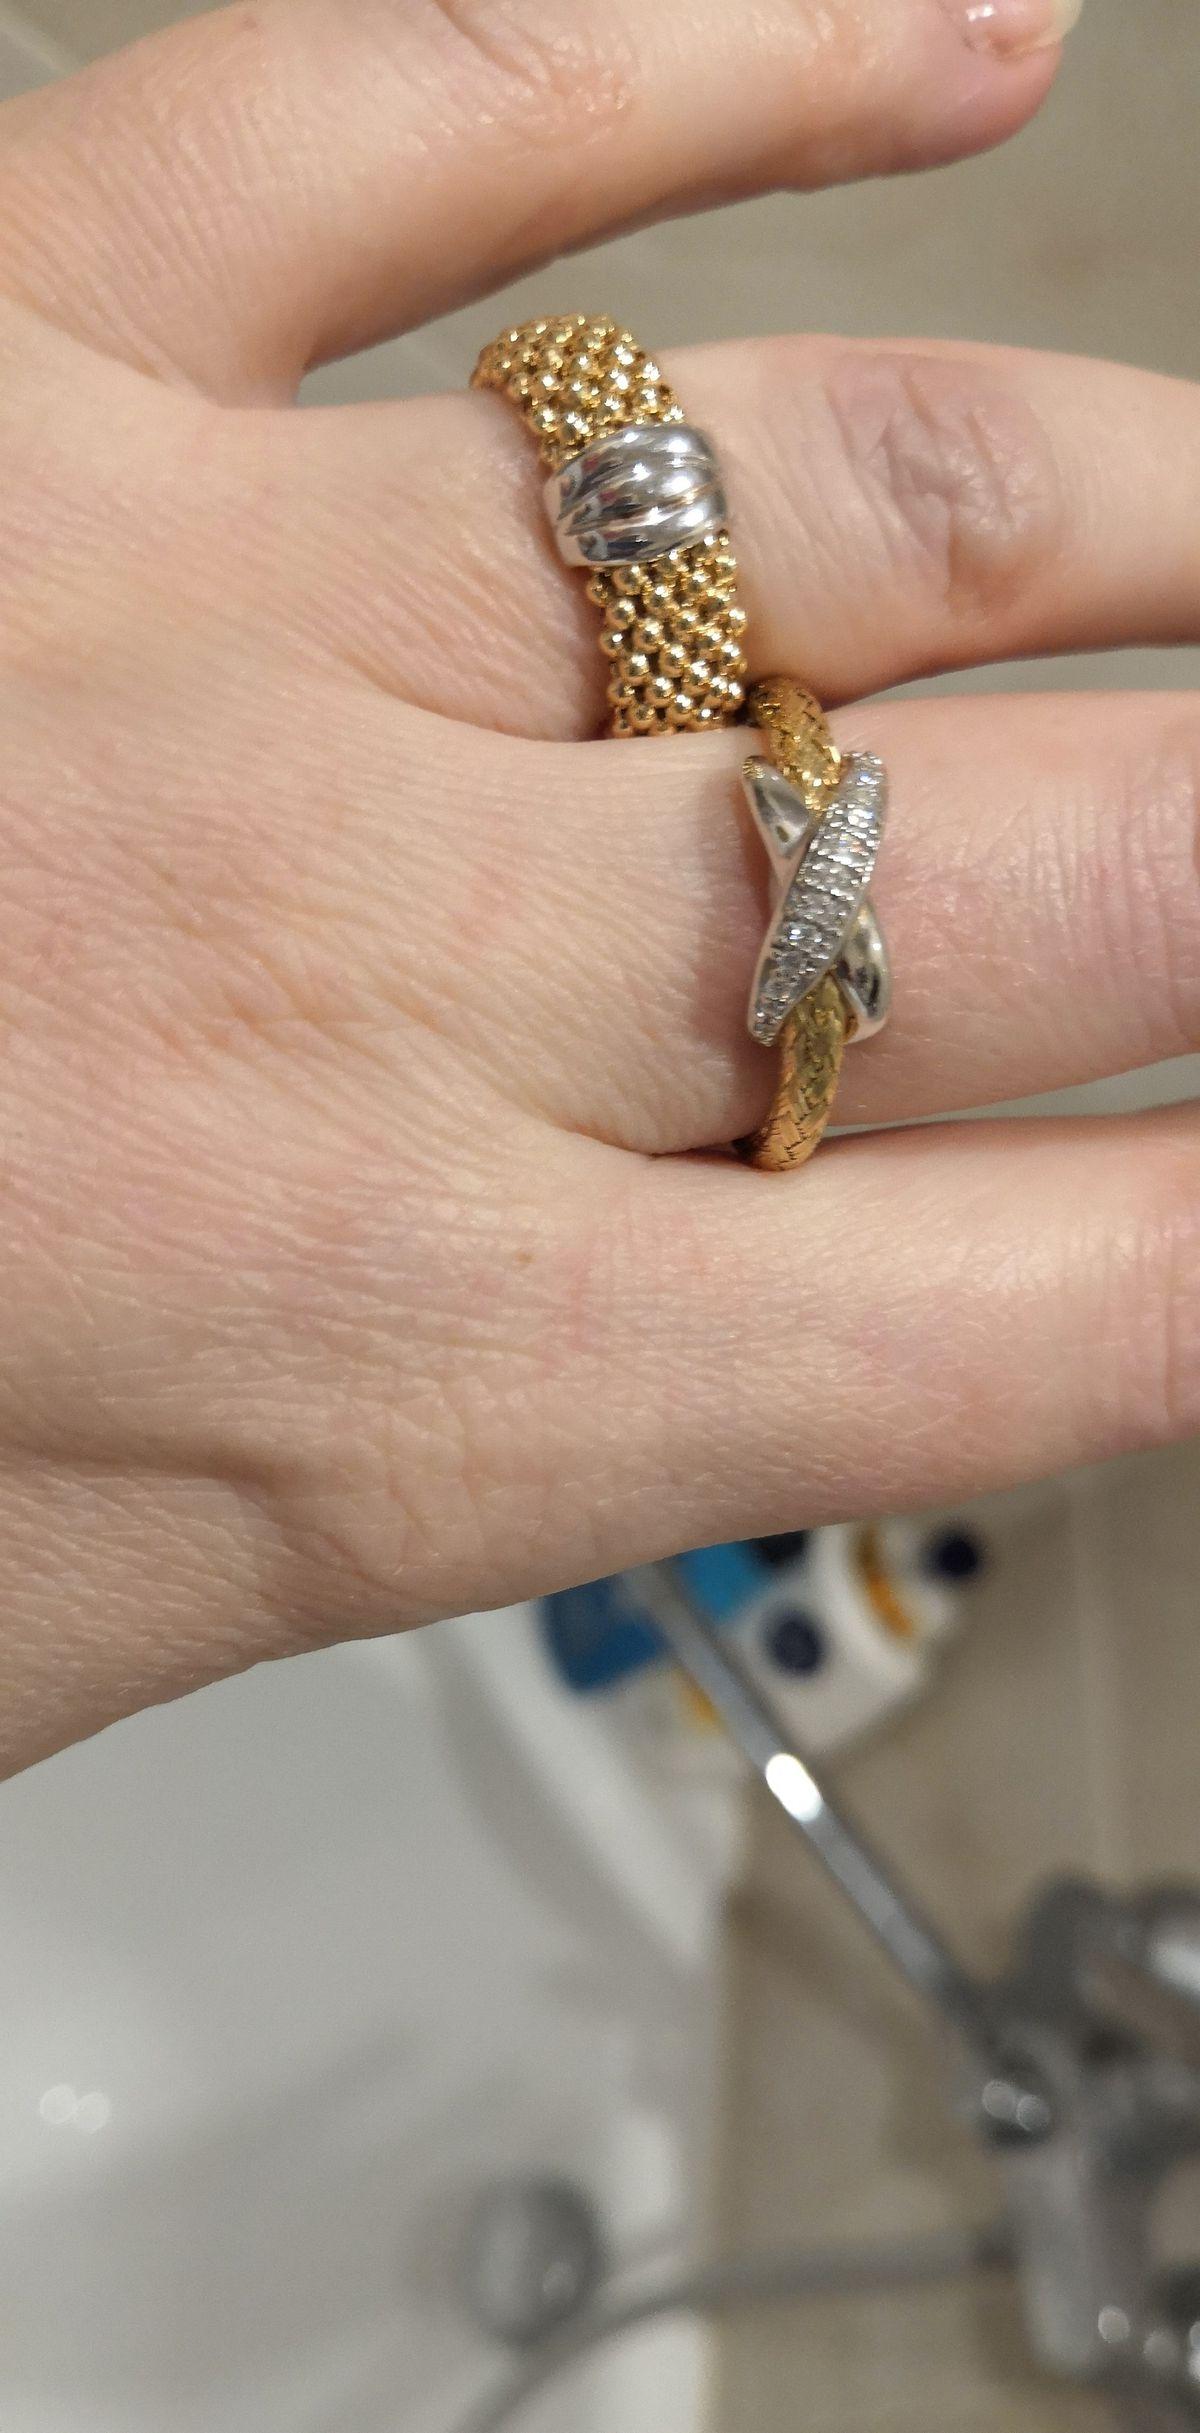 Серебрянное колечко тз итальянской коллекции